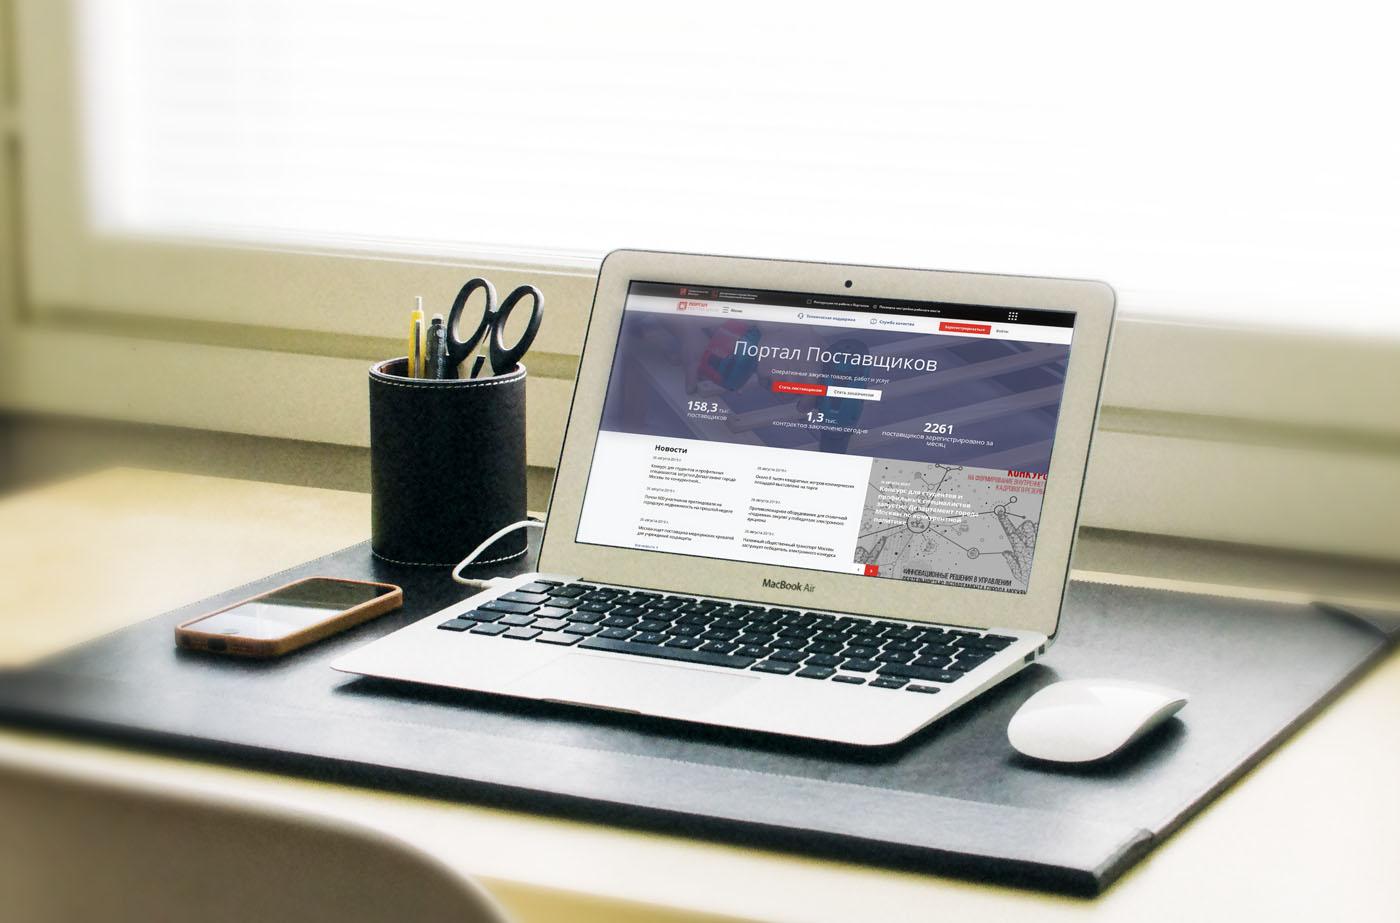 На Портале Поставщиков заключено более 190 договоров на паспортизацию зеленых насаждений